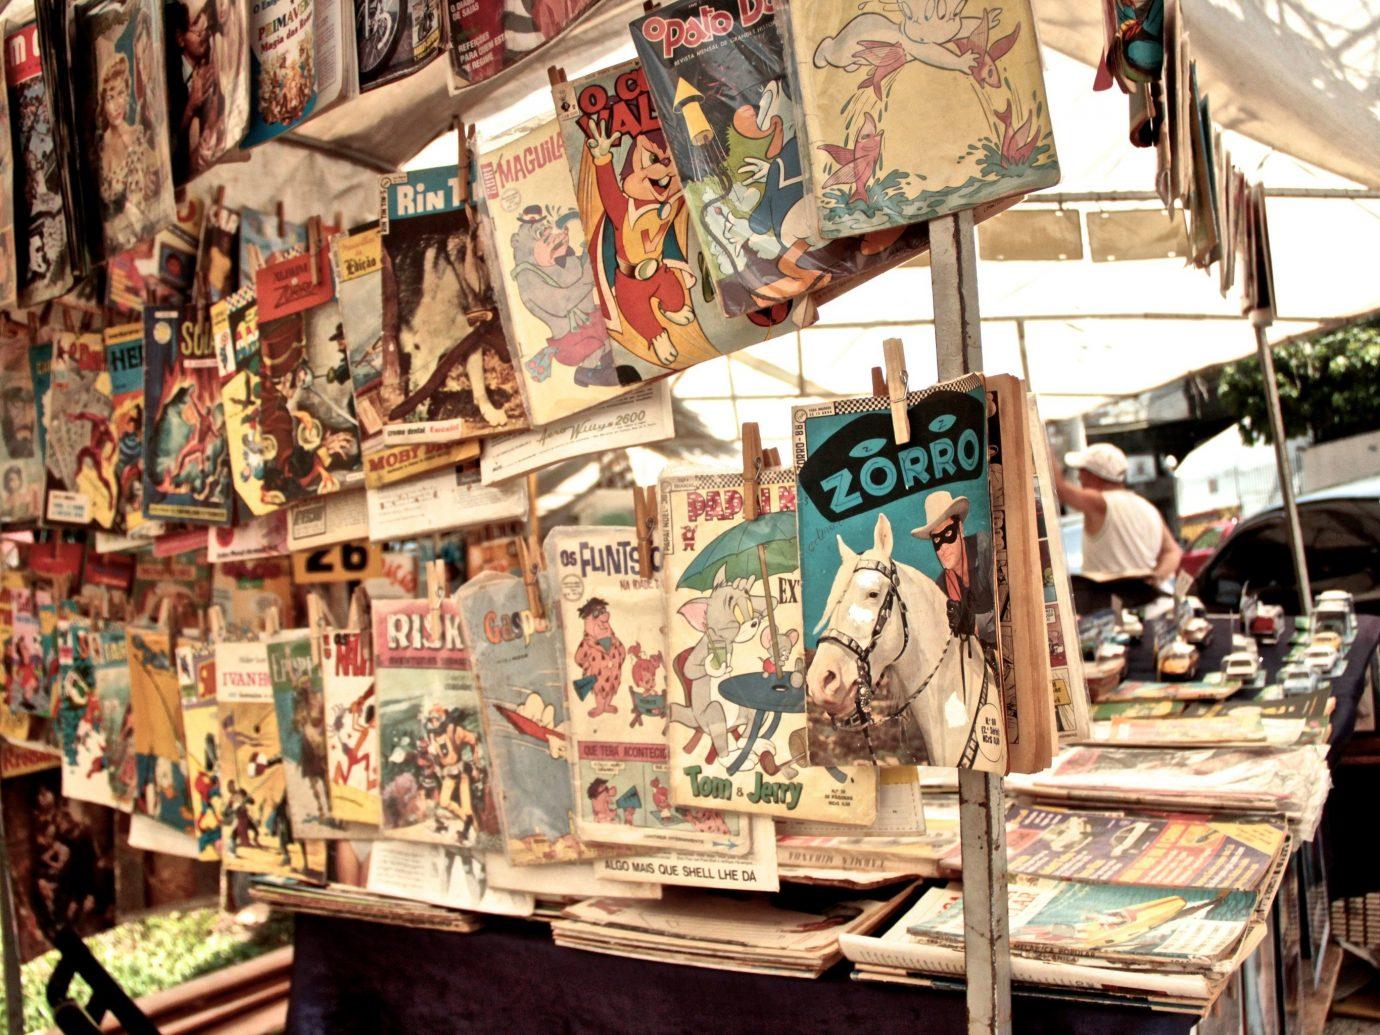 Trip Ideas market art bazaar cluttered furniture Shop